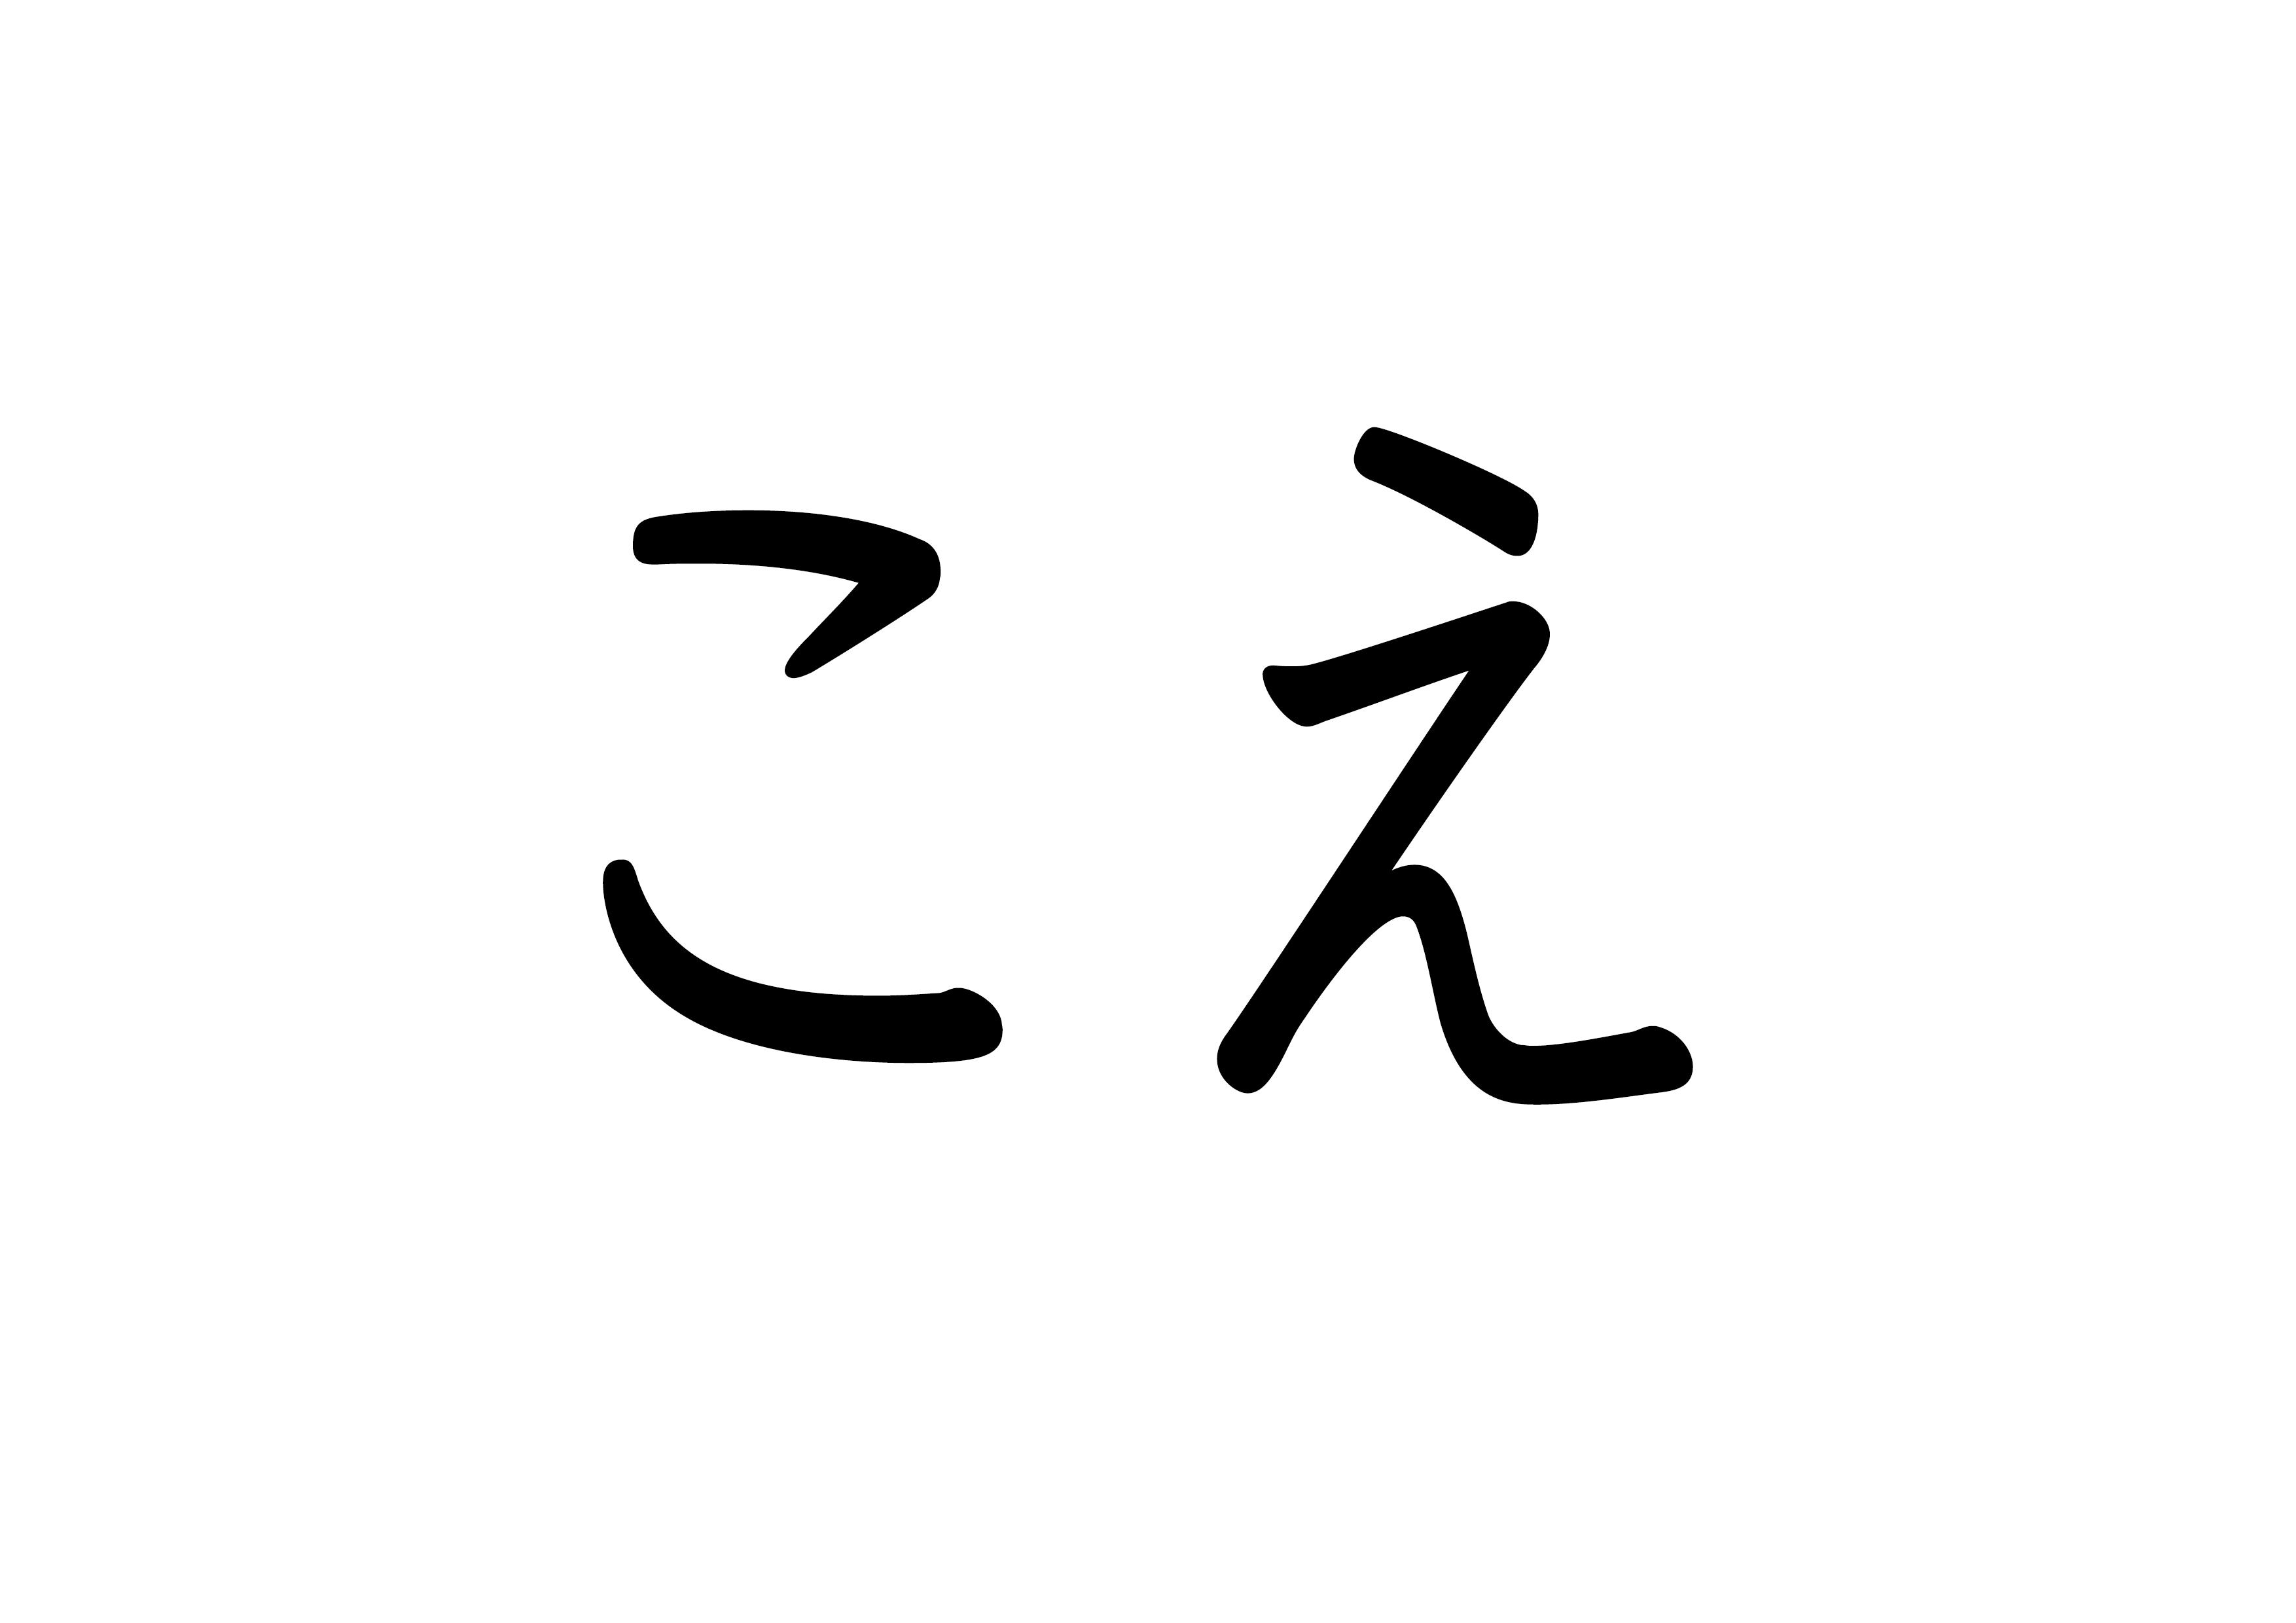 27課文字カード【声】